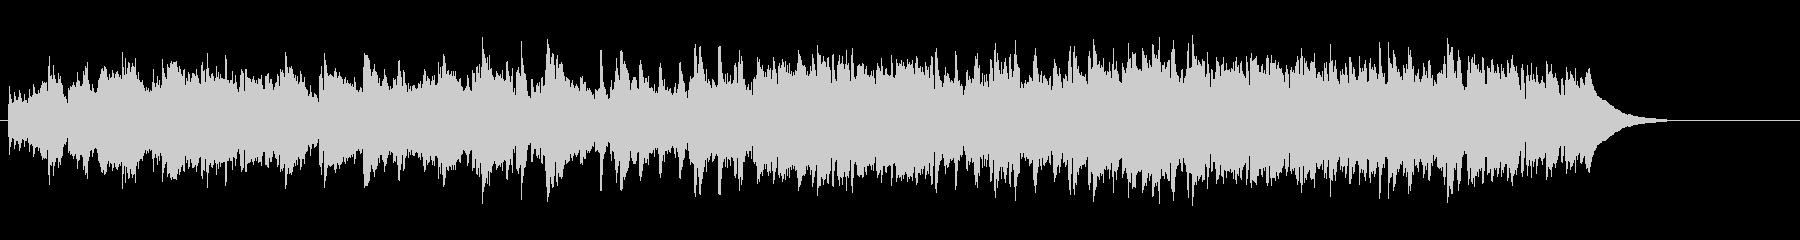 おセンチなヴェルヴェット・ポップスの未再生の波形